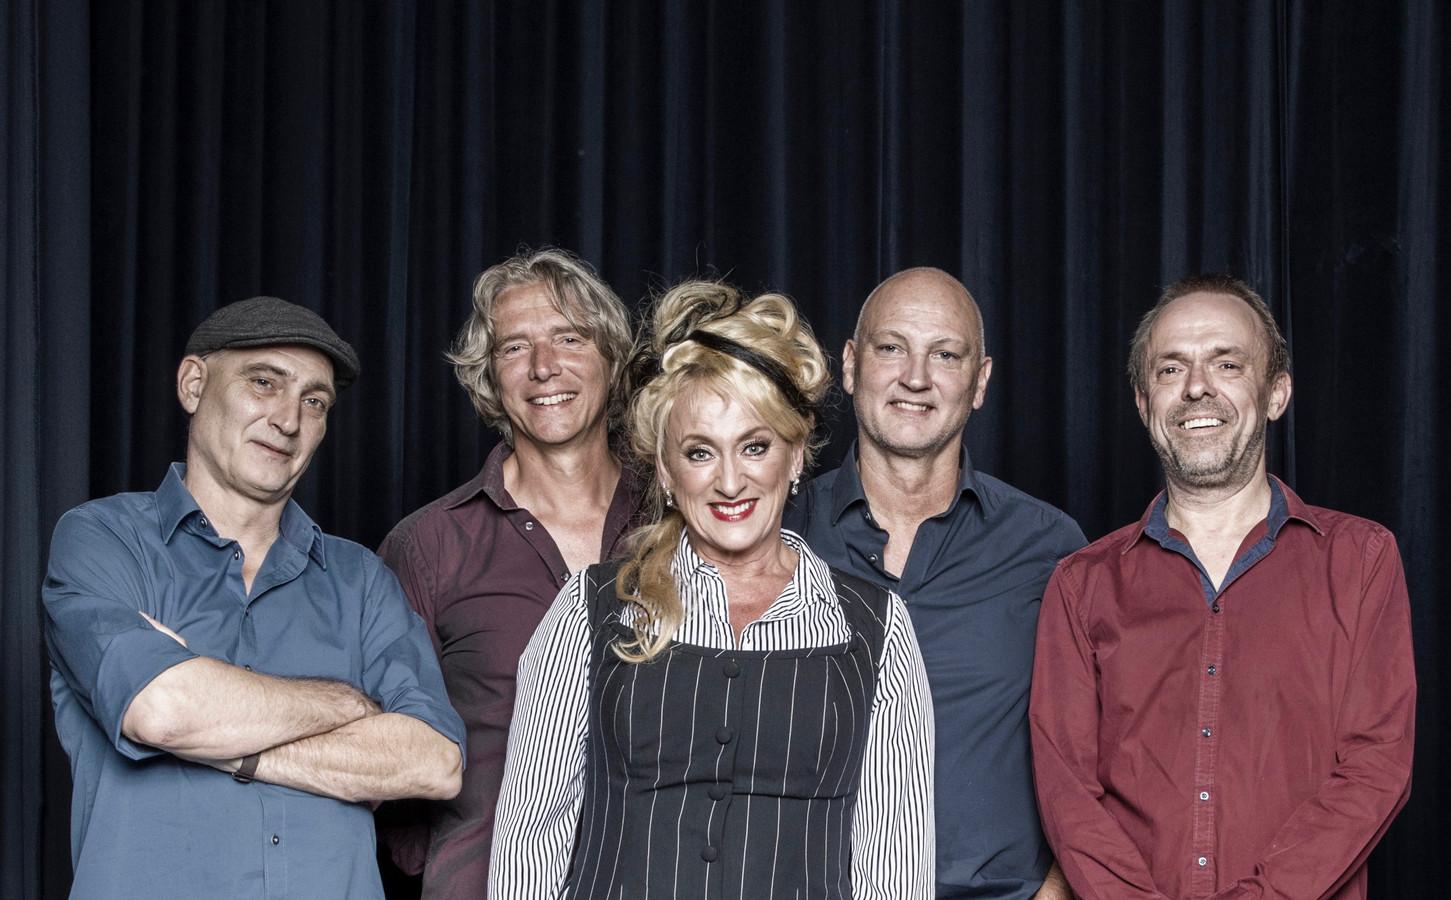 Karin Bloemen en de Old School Band van haar man Marnix Busstra (rechts naast haar), bijten het spits af in de concertreeks   Tor on Tour in Theater Mystiek in Enschede.